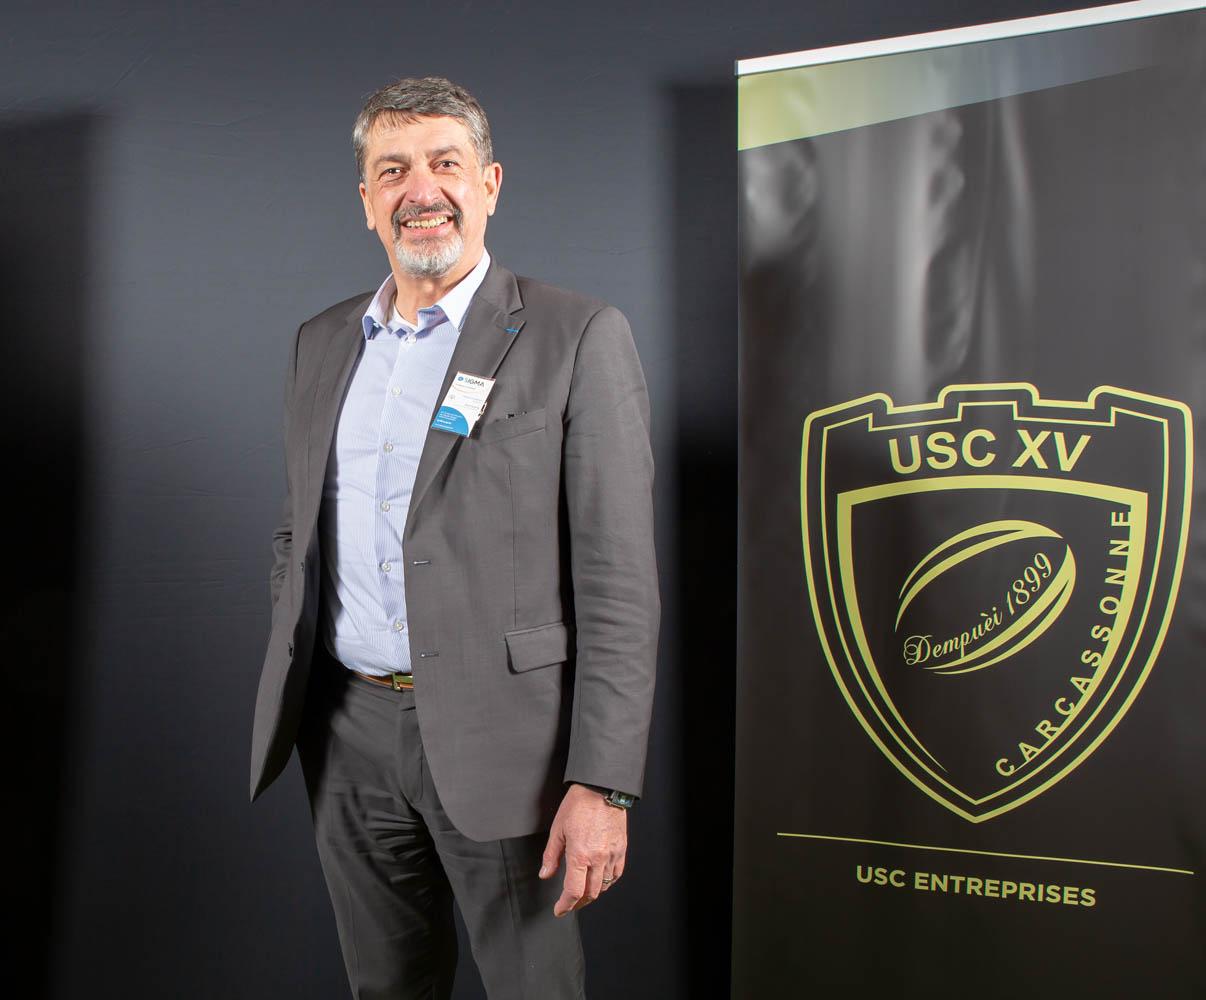 USC_Entreprises-7